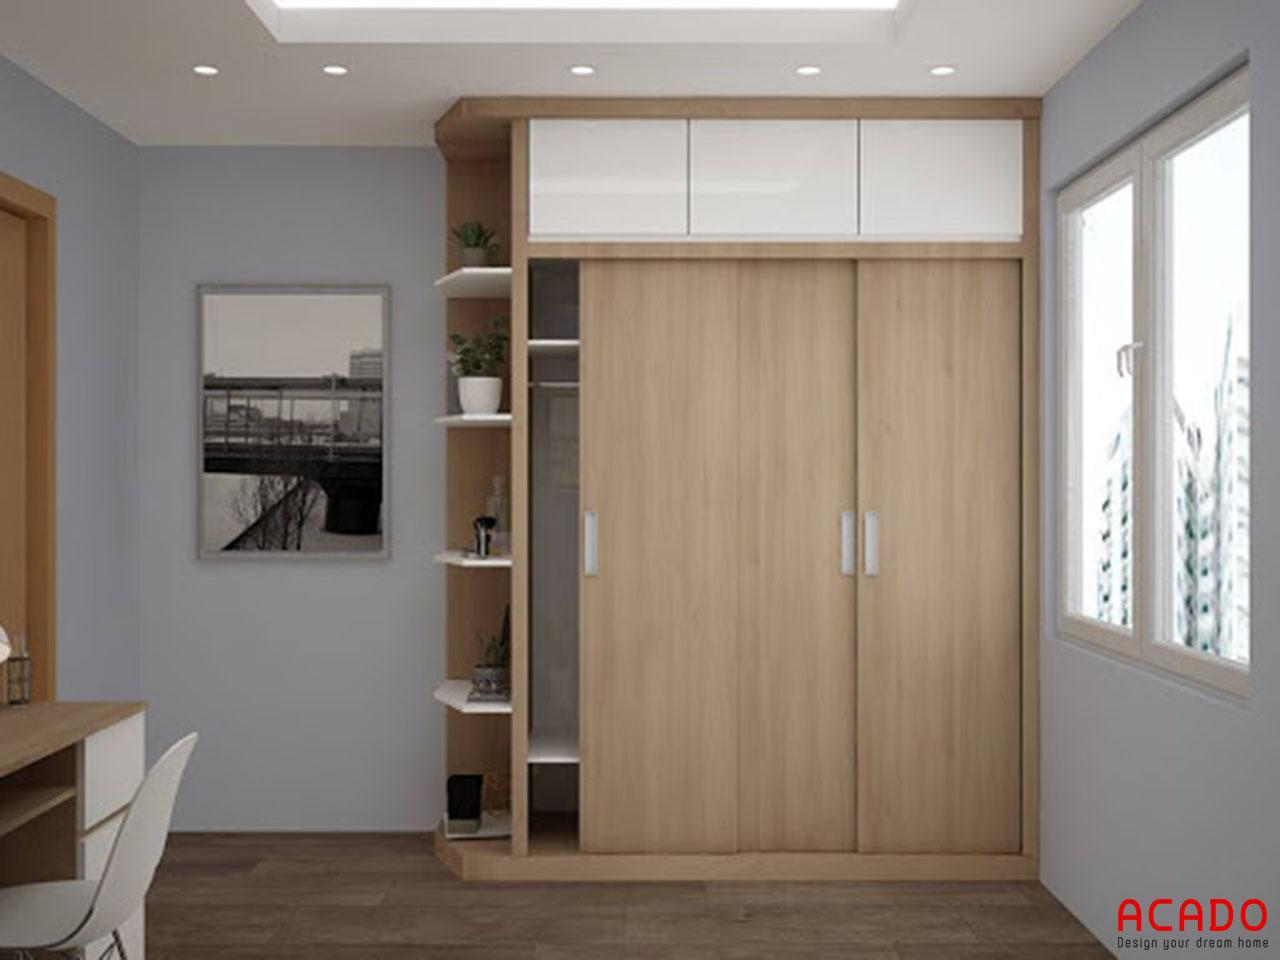 Tủ quần áo gỗ Melamine màu vân gỗ sát trần thoải mái không gian chứa đồ cho bạn